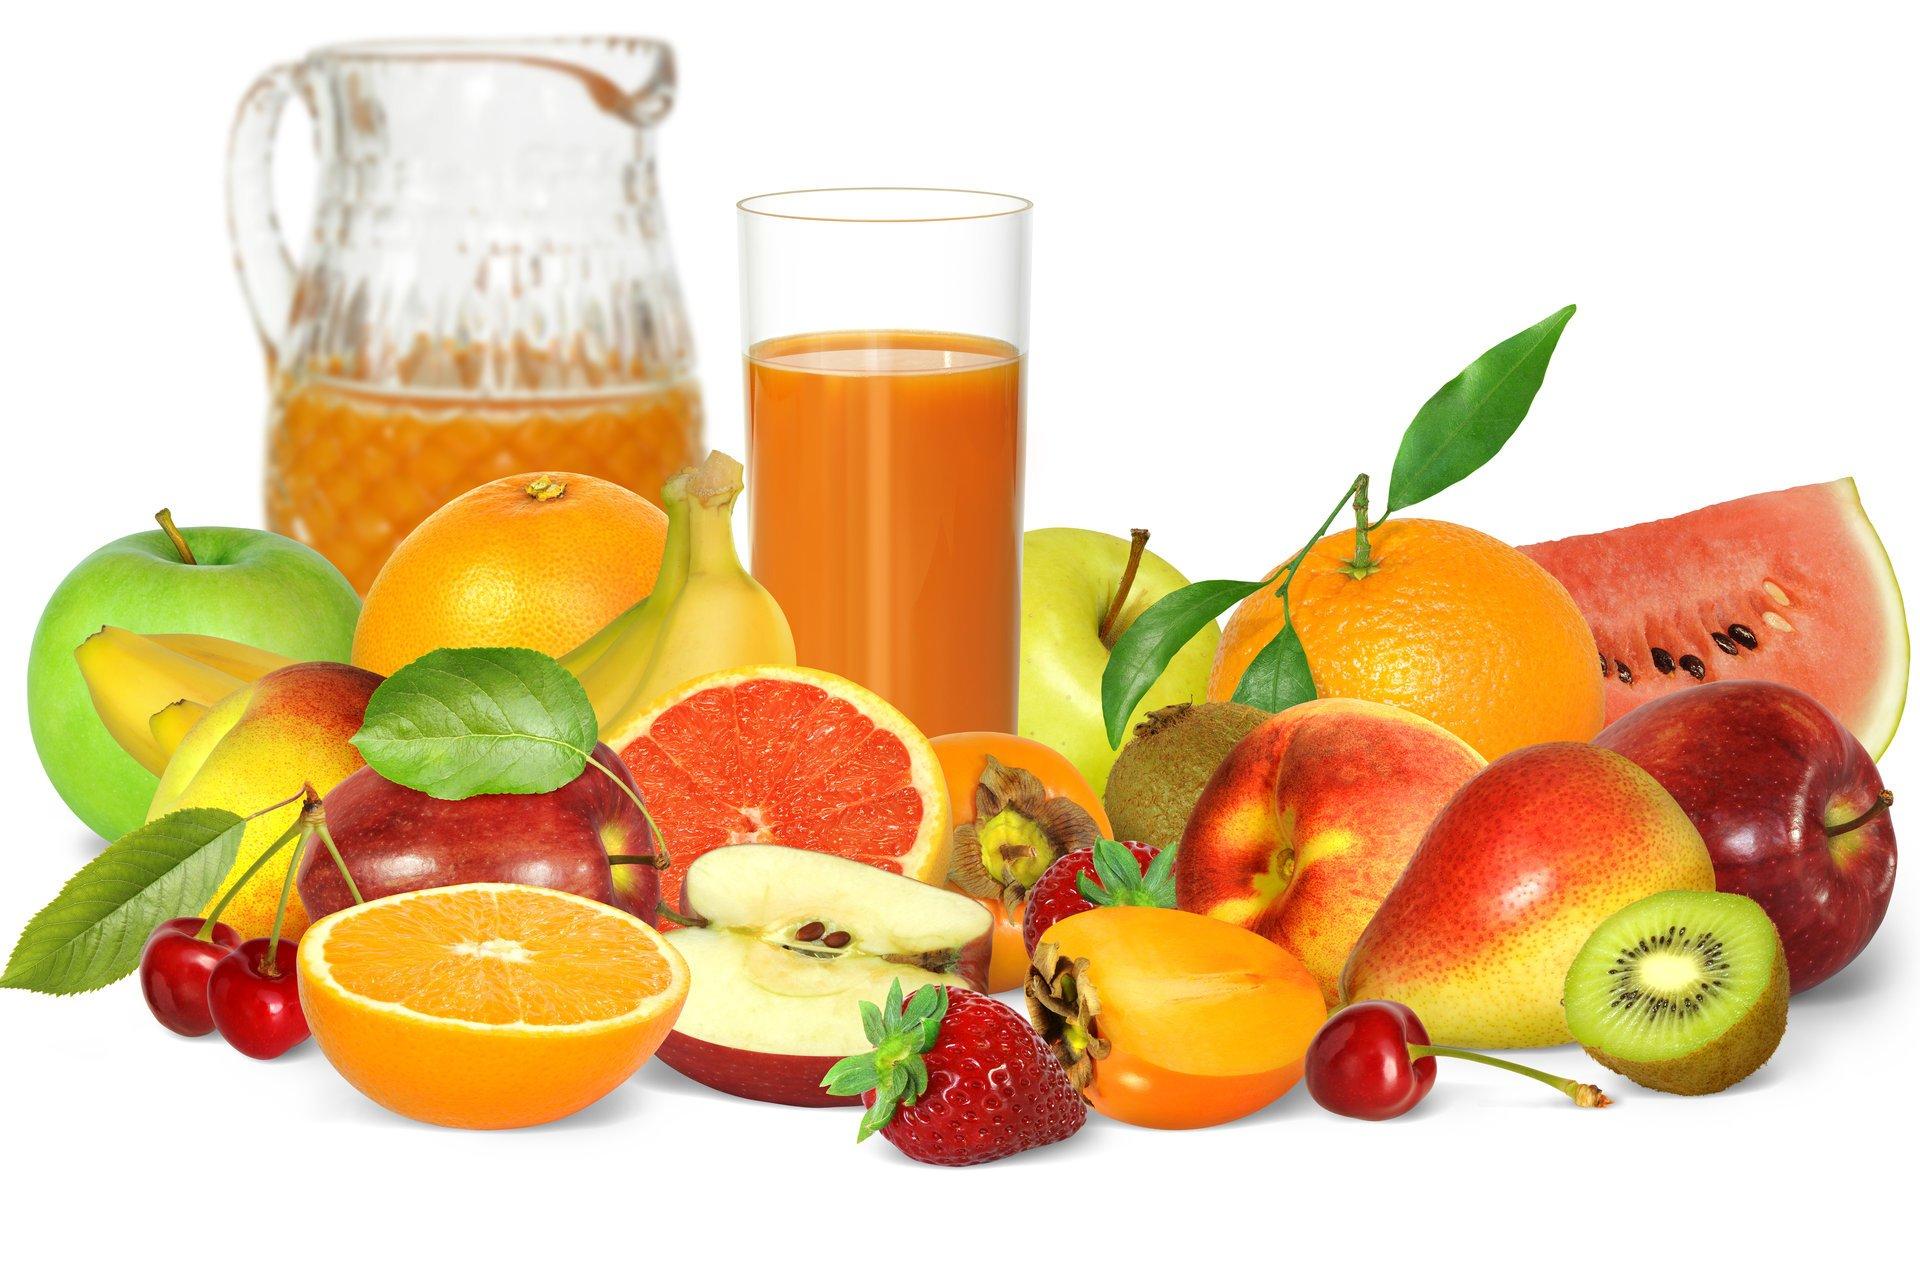 Как приготовить сок в домашних условиях? Агропромышленный 503